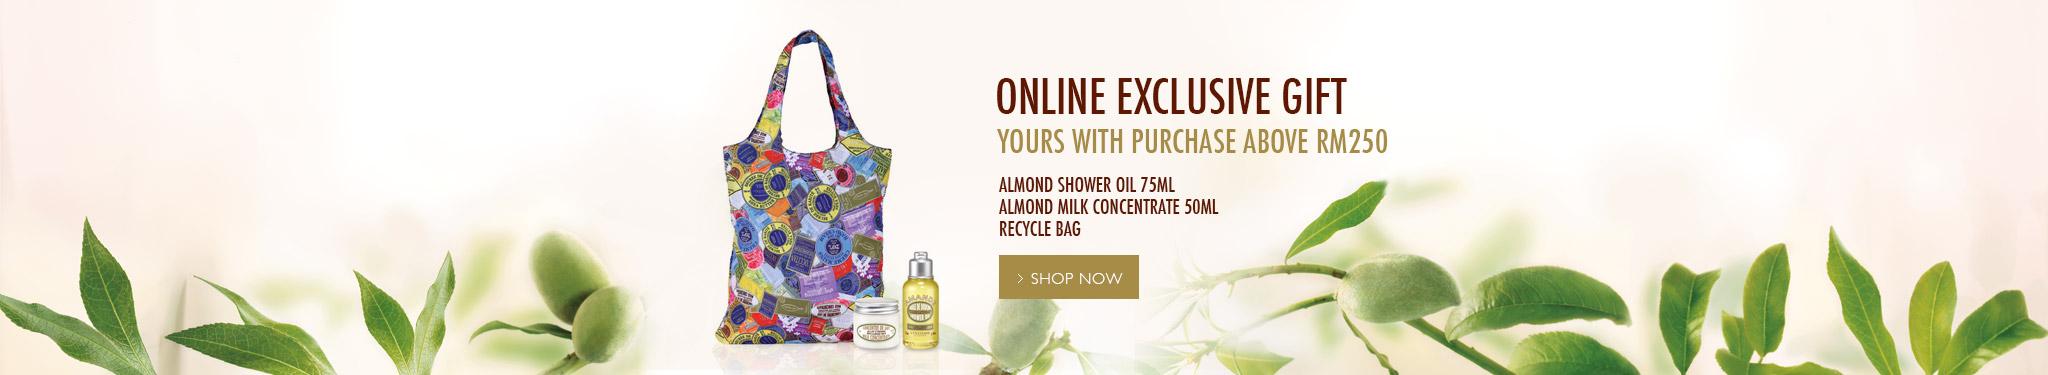 Online Exclusive Gift